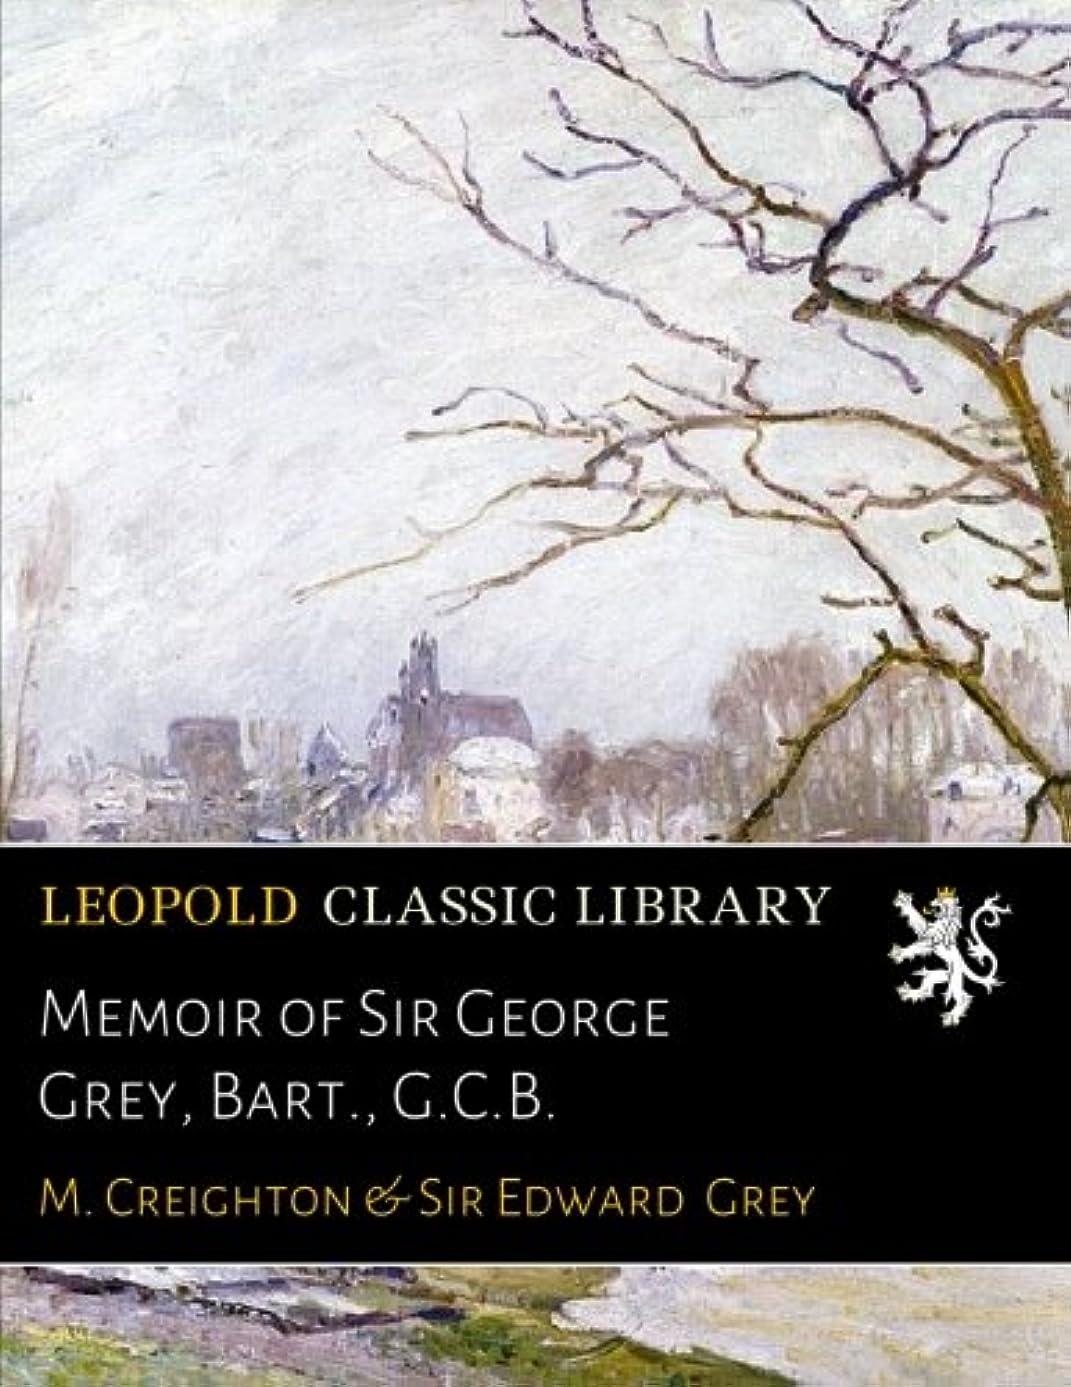 南極リムメーカーMemoir of Sir George Grey, Bart., G.C.B.